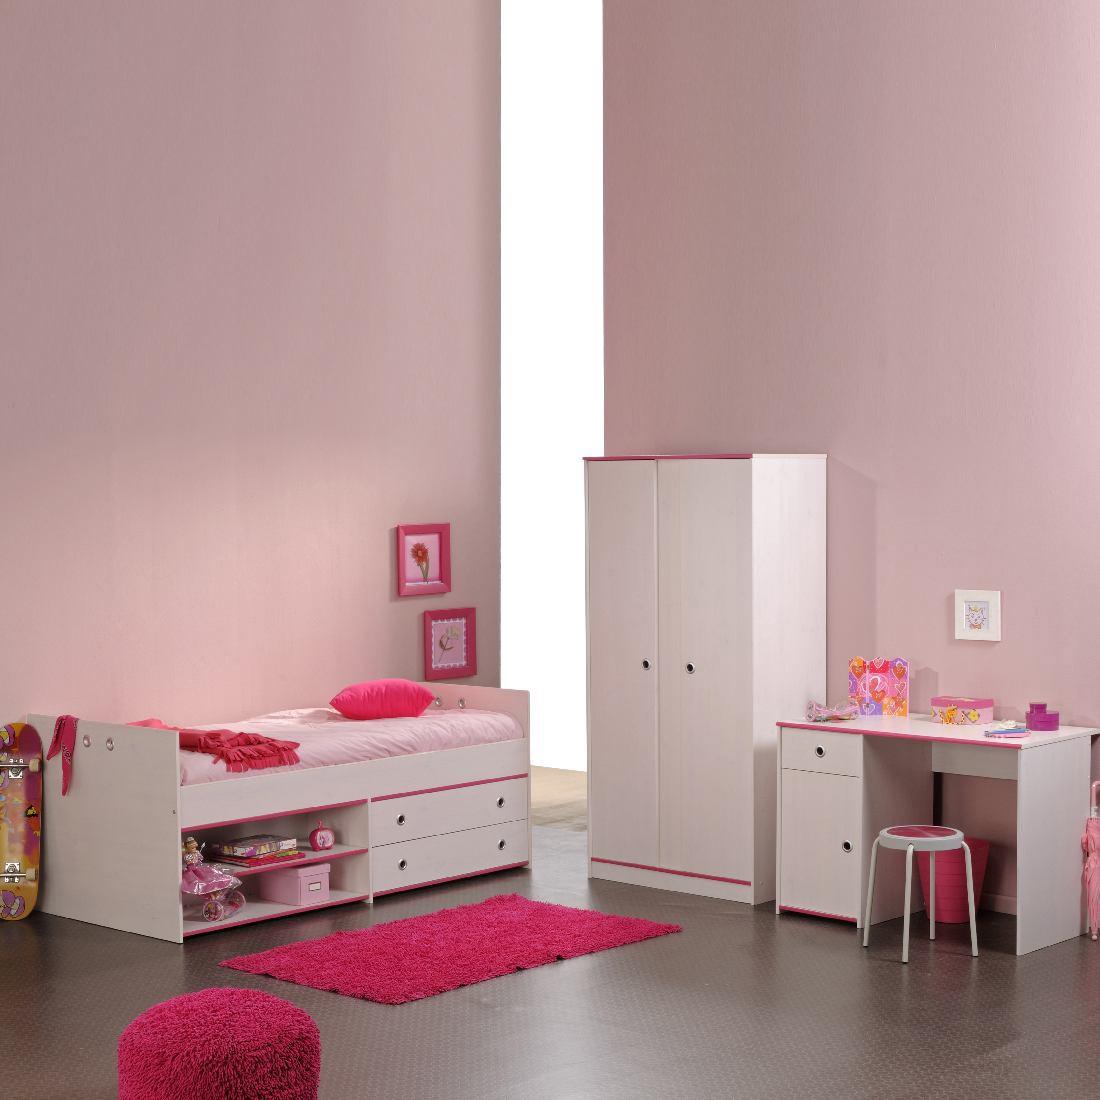 betten mit stauraum preisvergleich die besten angebote online kaufen. Black Bedroom Furniture Sets. Home Design Ideas